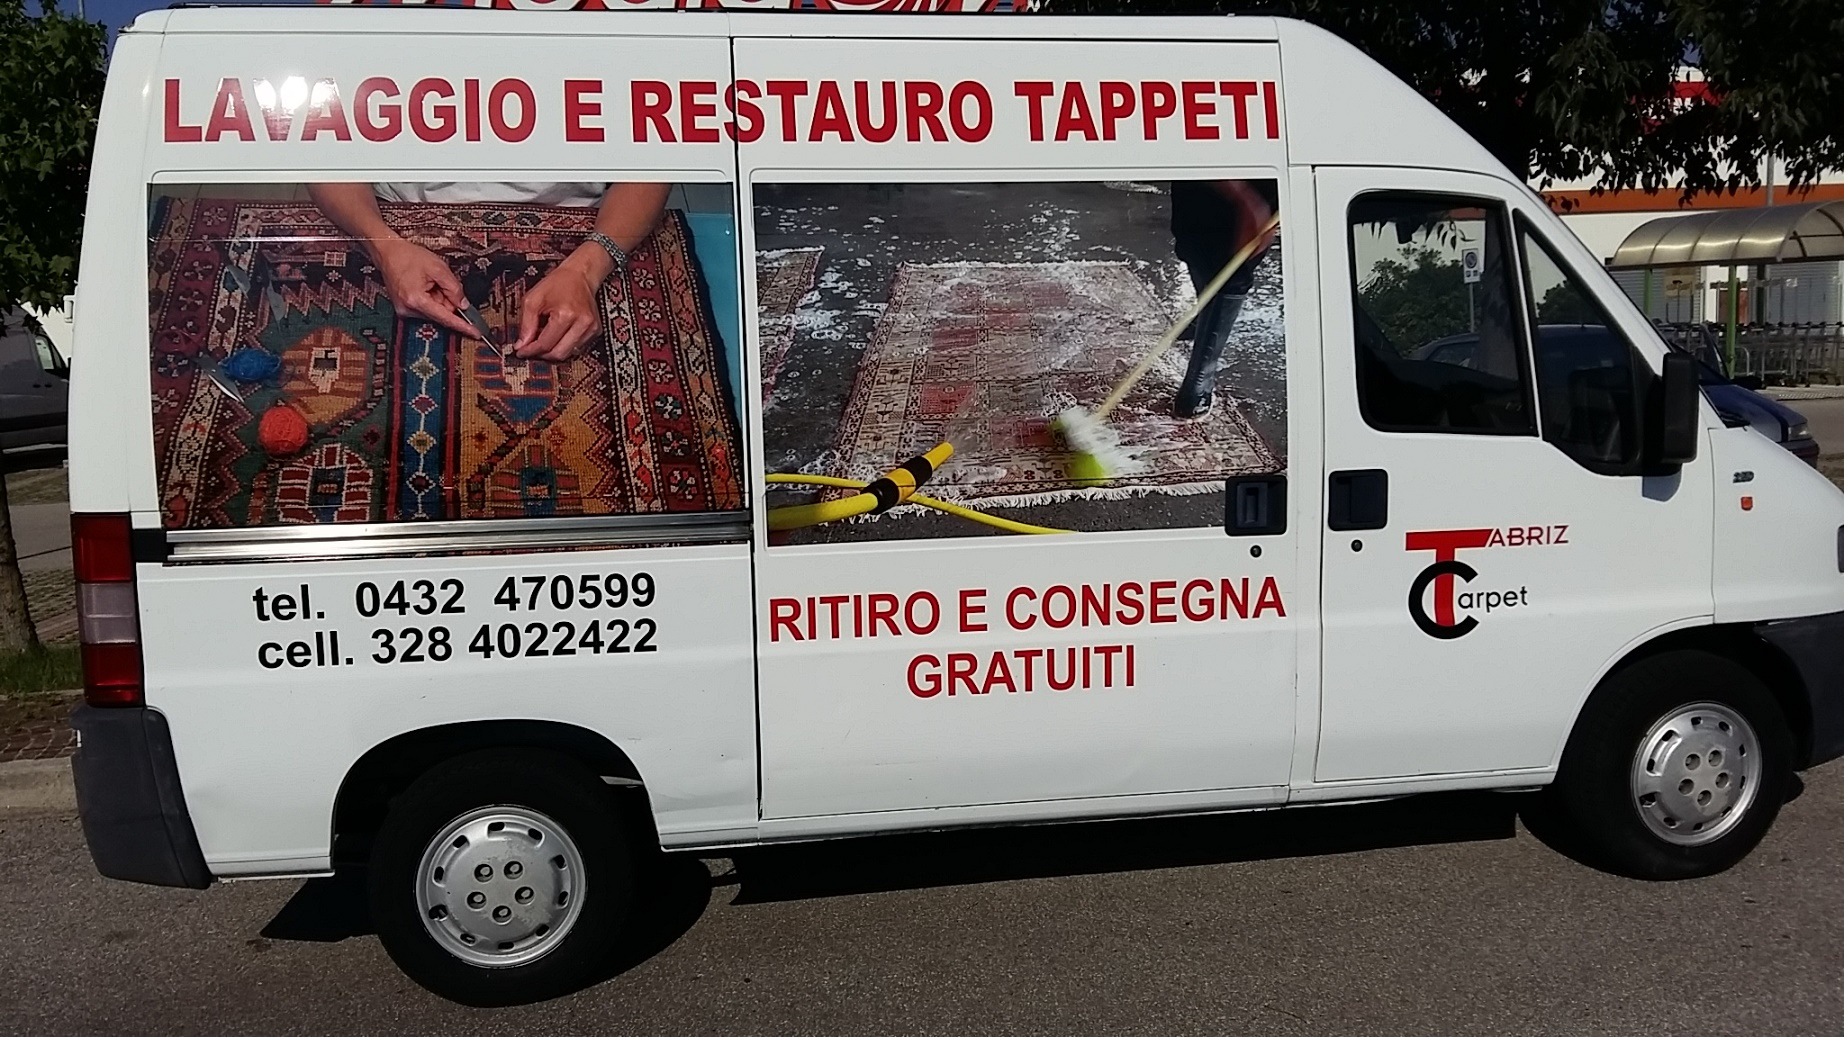 ritiro e consegna tappeti gratuiti da Campoformido